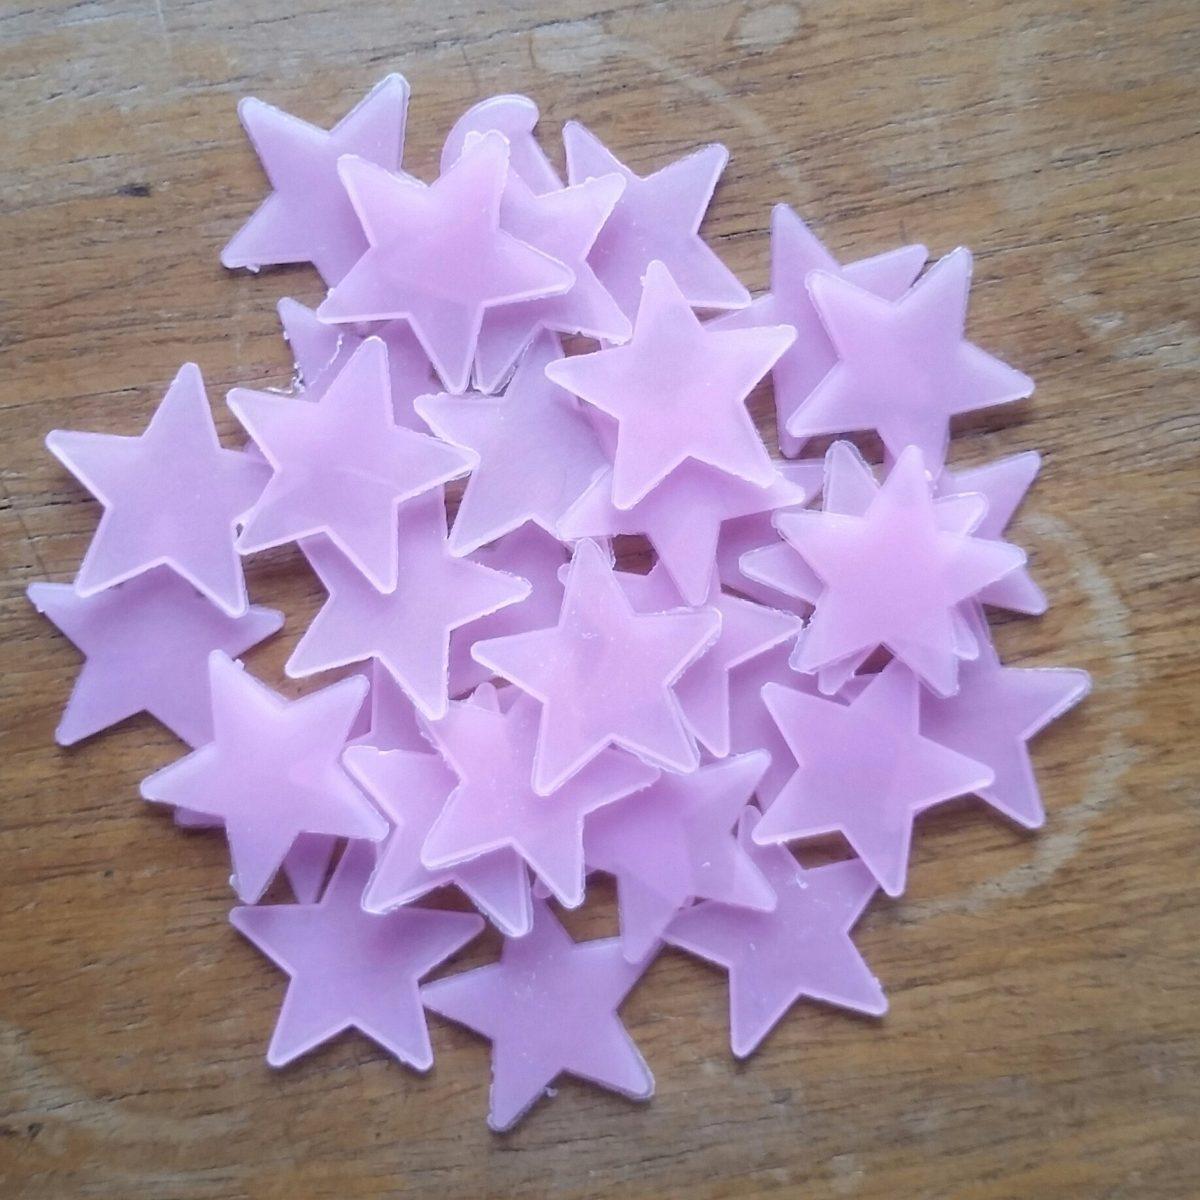 Armario Segunda Mano Mallorca ~ Estrela Teto Parede Fluorescente Adesiva Brilha Escuro Rosa R$ 15,00 em Mercado Livre